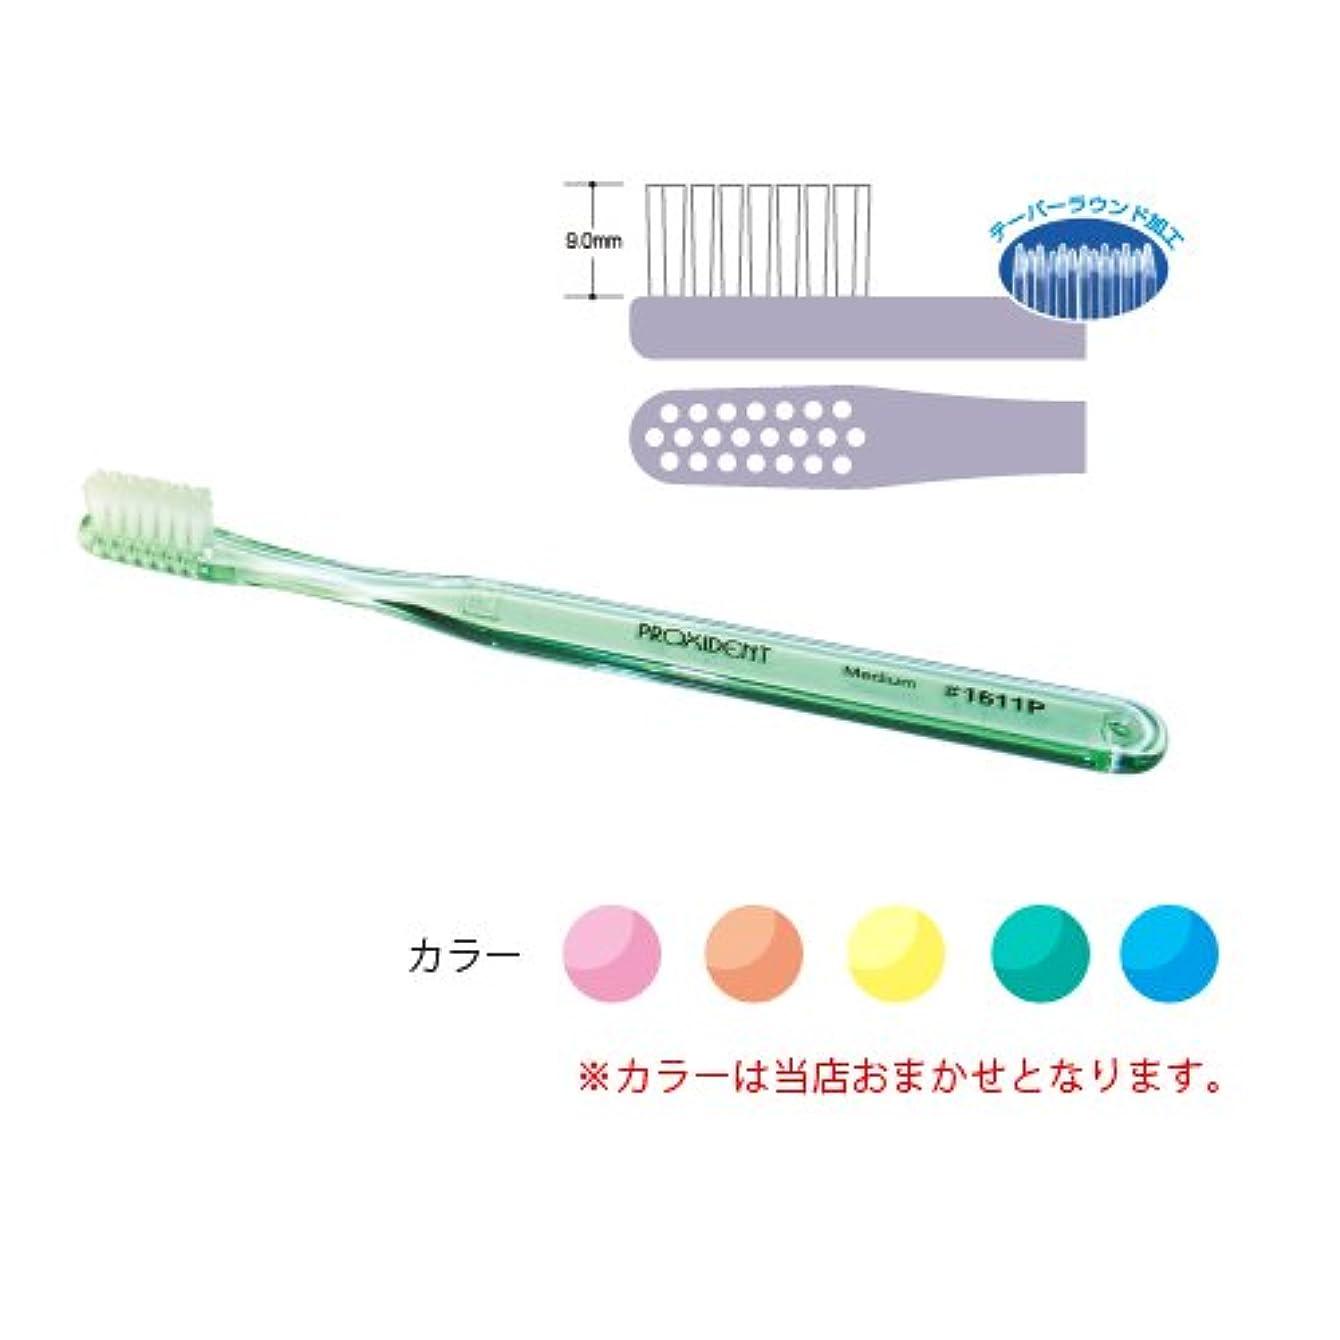 に頼る範囲自治的プローデント プロキシデント #1611P 歯ブラシ 1本入